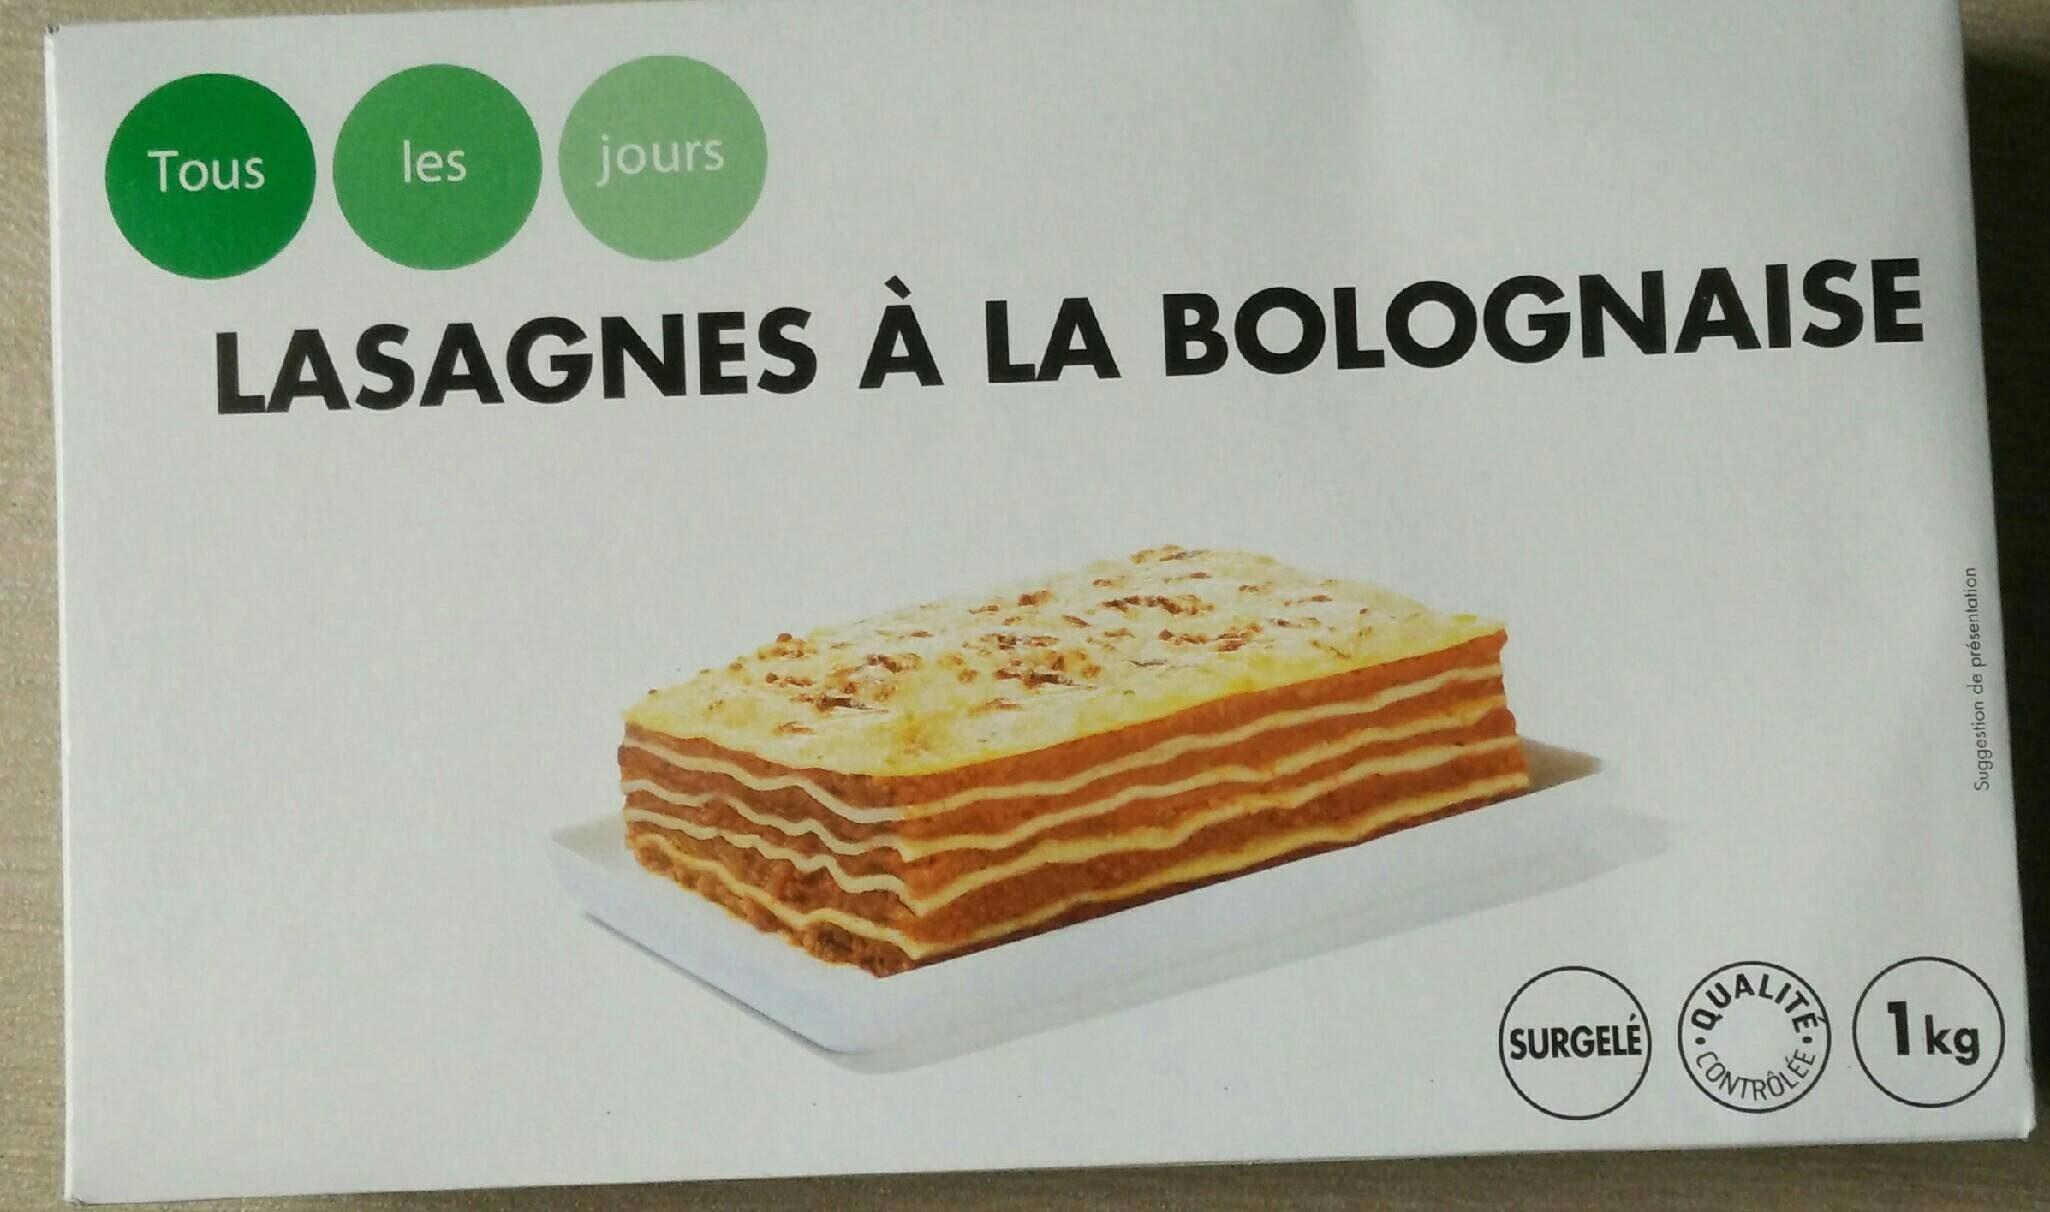 Lasagnes à la bolognaise - Nutrition facts